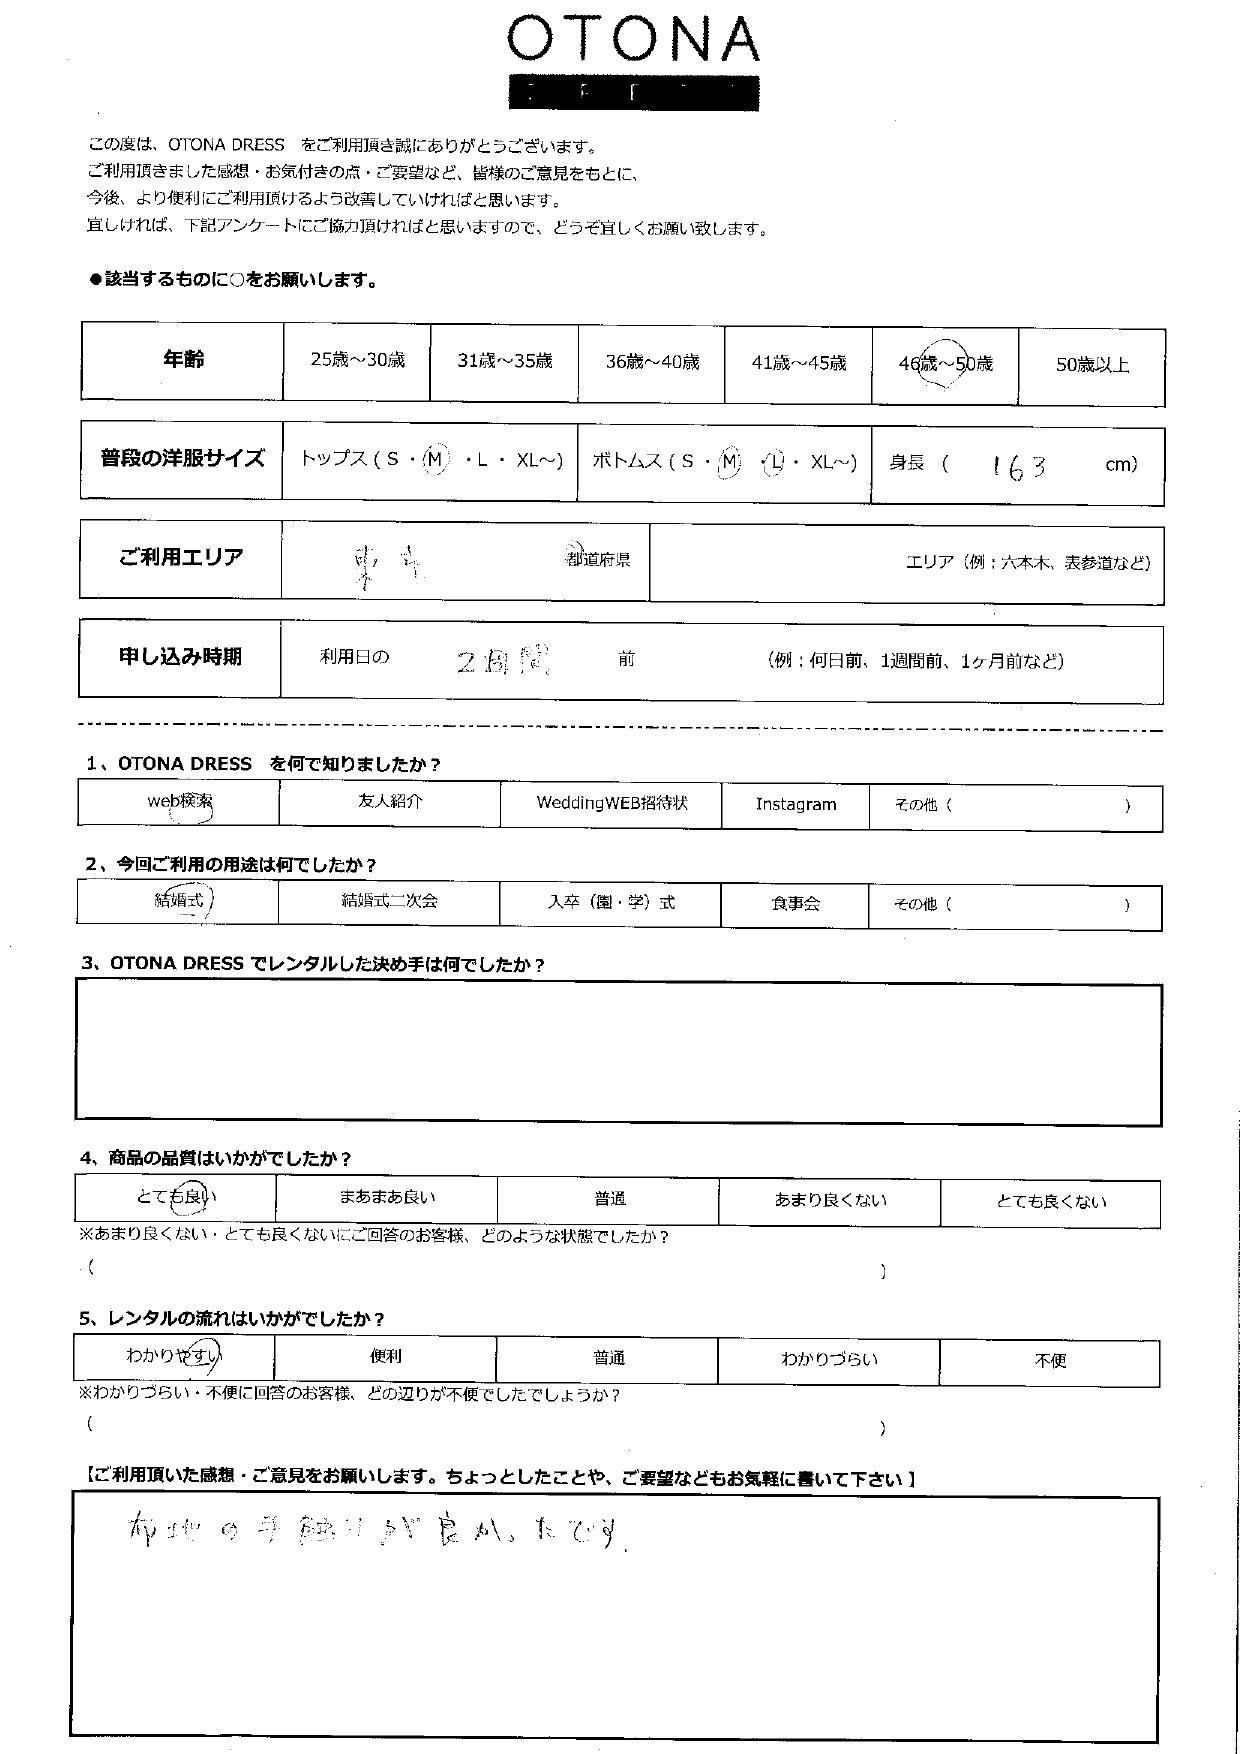 7/31結婚式ご利用 東京エリア